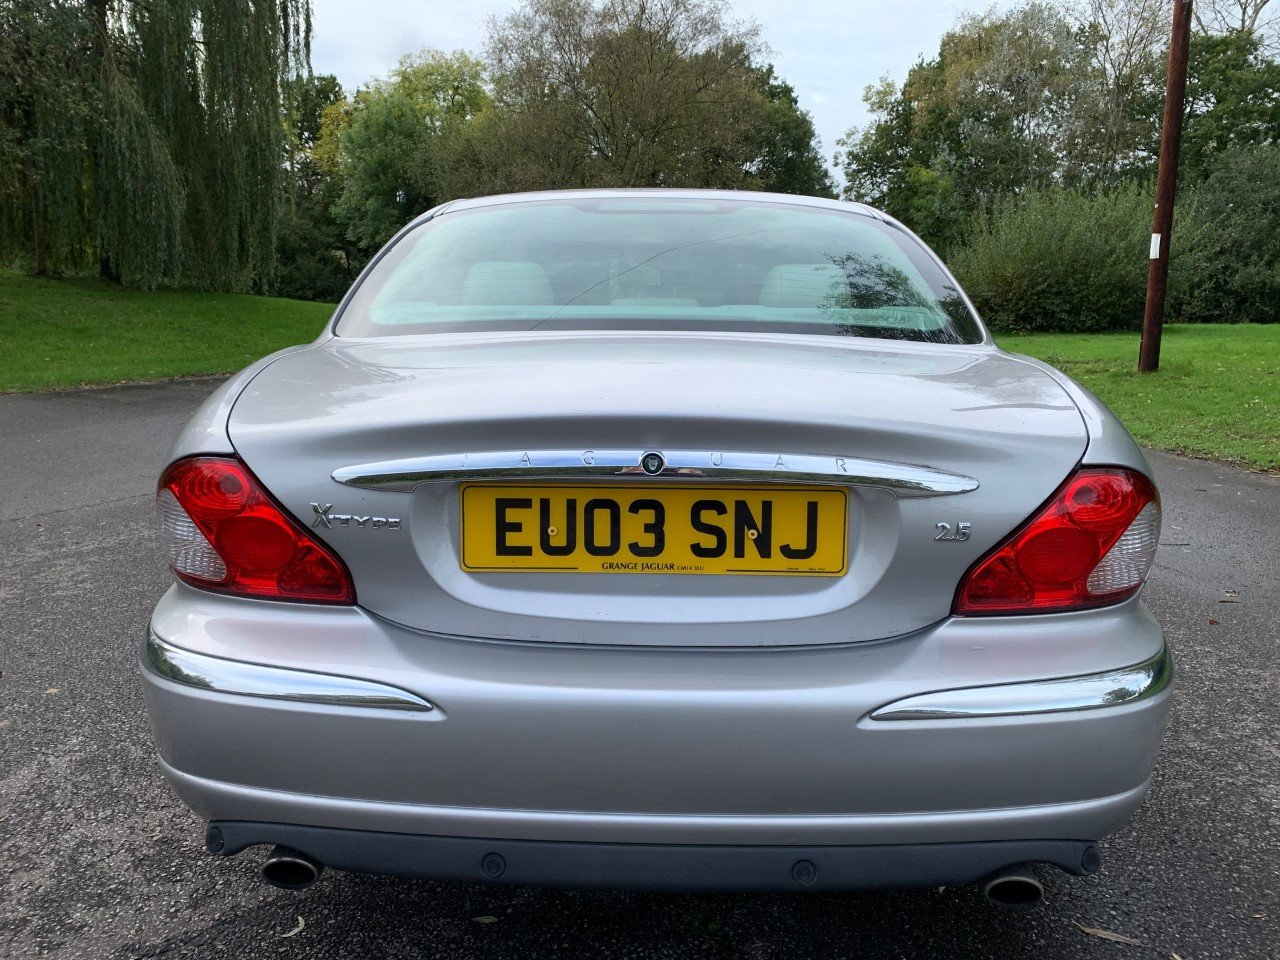 2003 Jaguar X-Type 2.5 V6 SE Auto For Sale (picture 4 of 6)